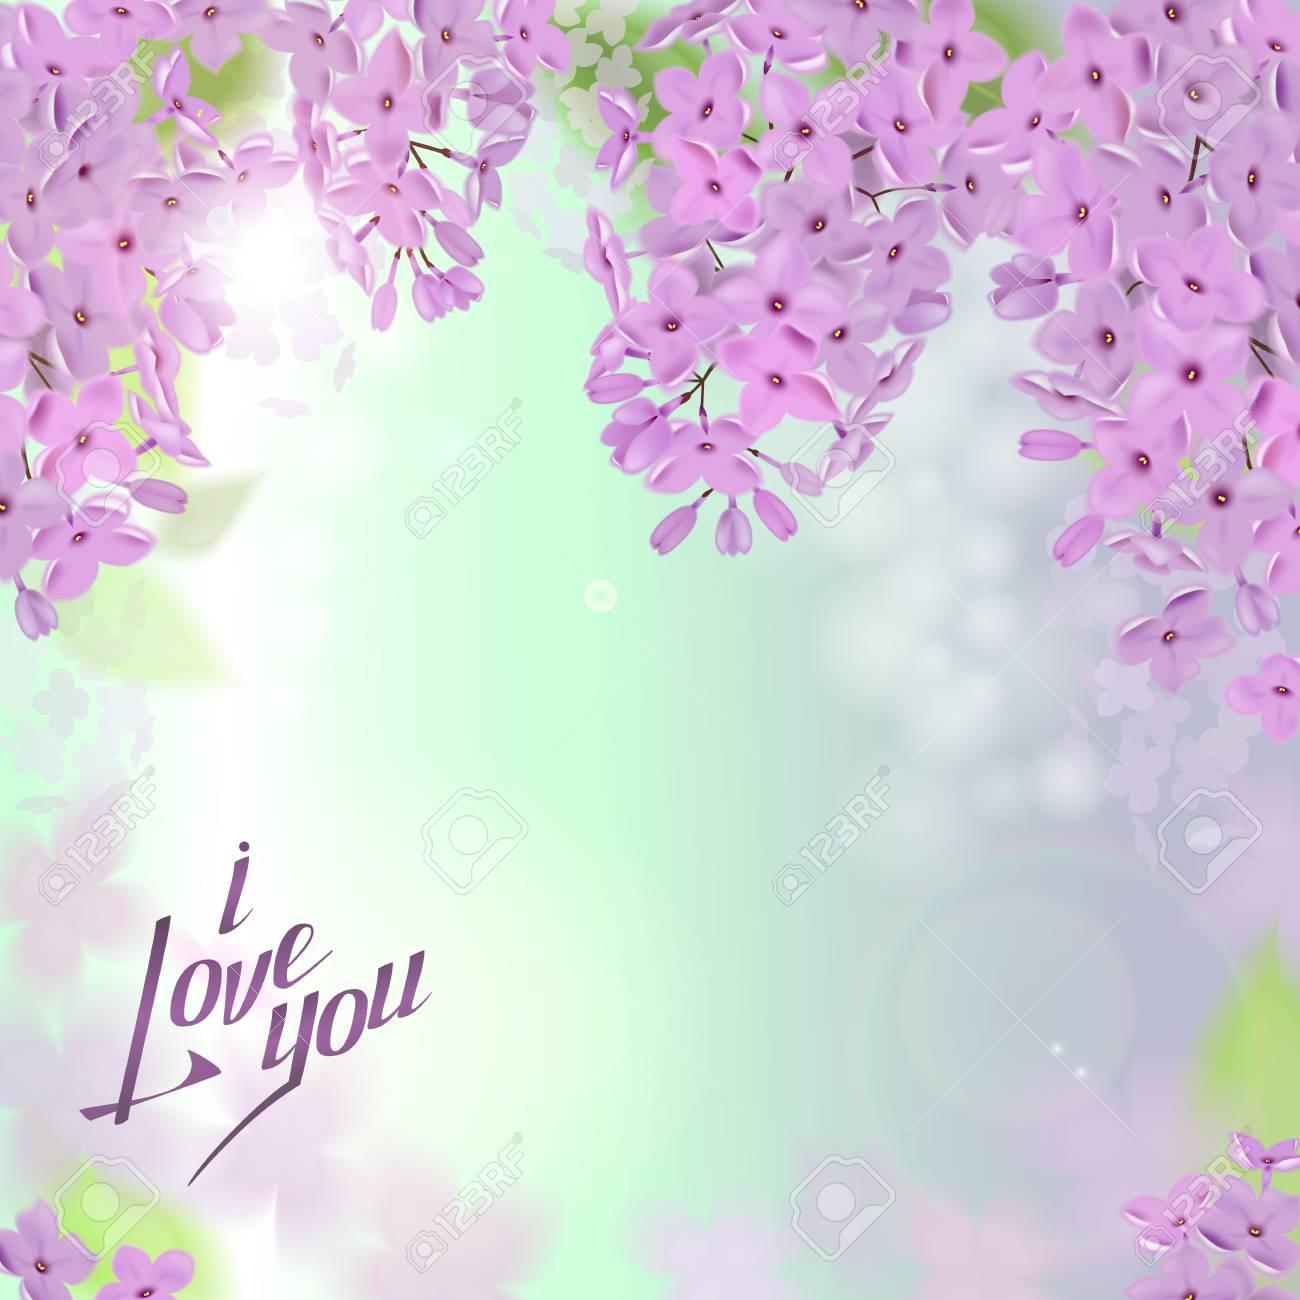 Fondo De Primavera Con Flores Rosas Y Purpuras De Lila Se Puede